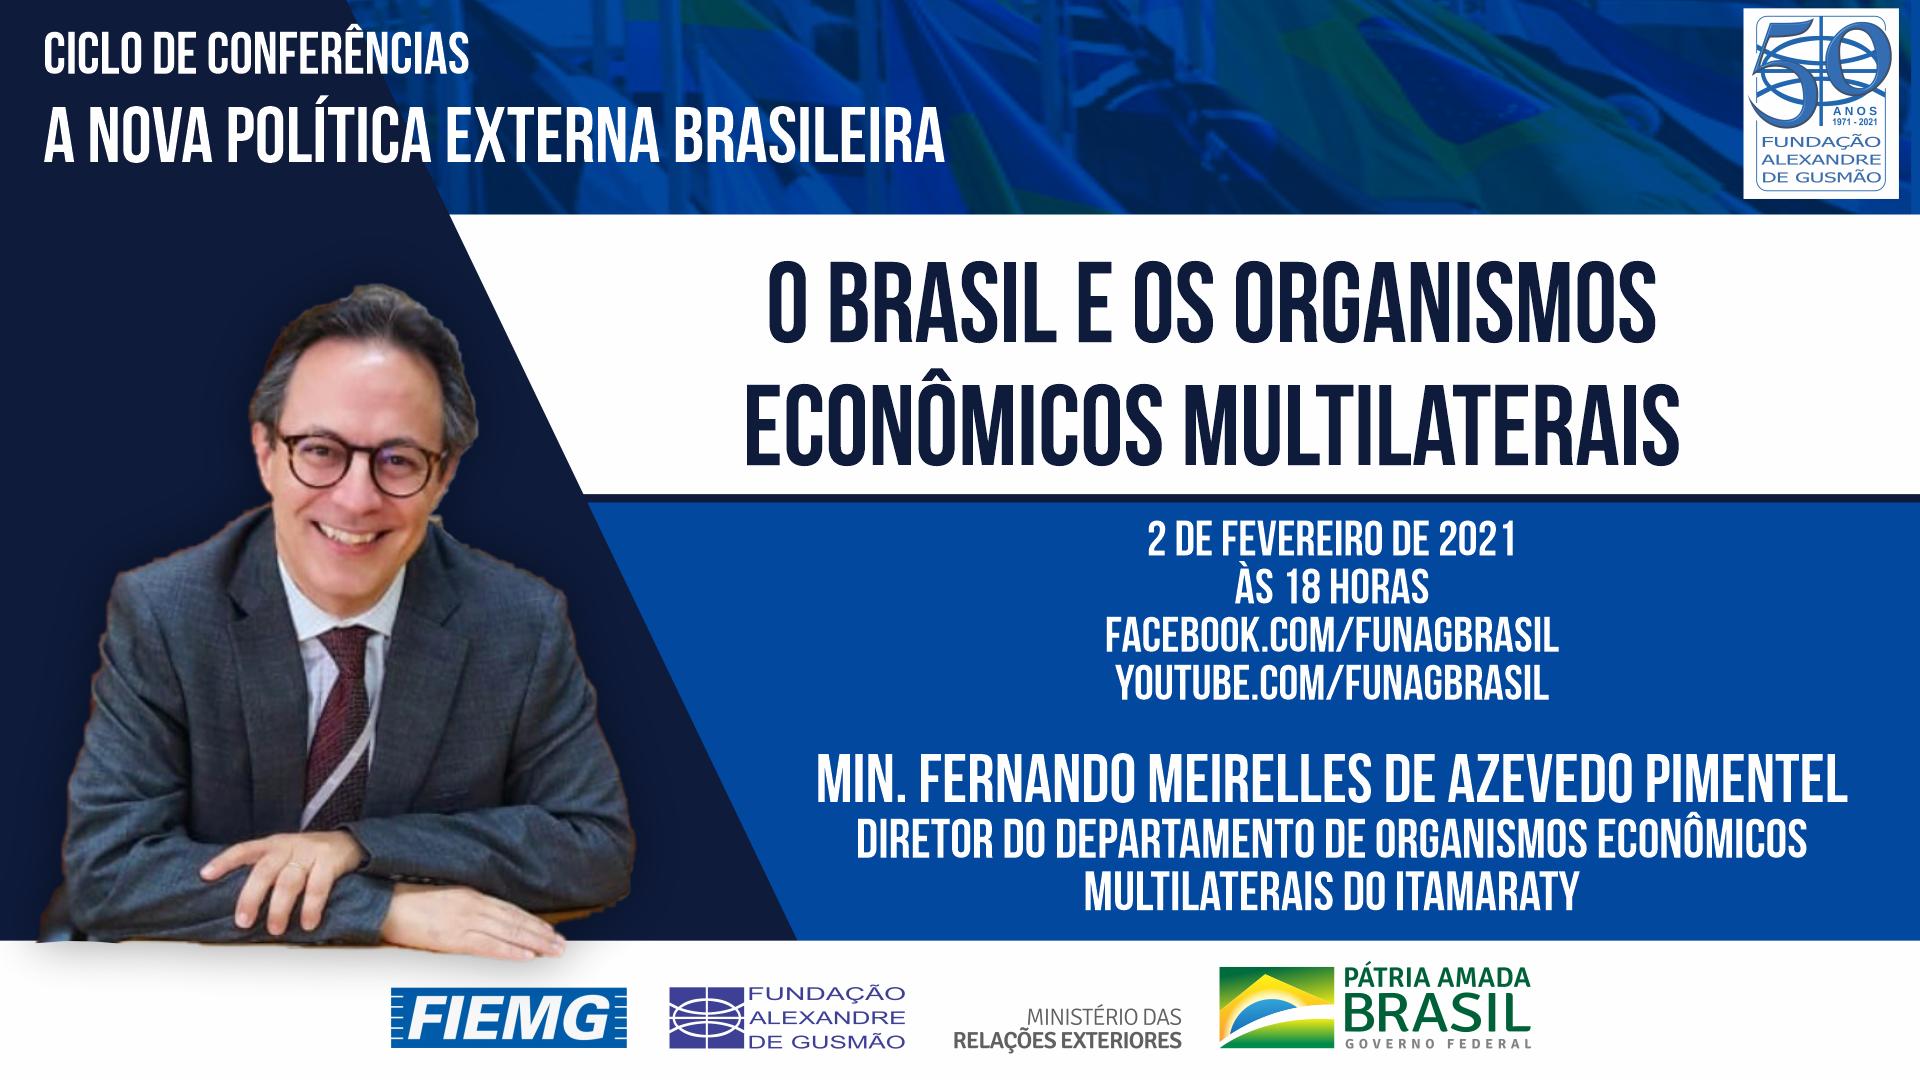 Assista aos vídeos da conferência do Diretor do Departamento de Organismos Econômicos Multilaterais do Itamaraty